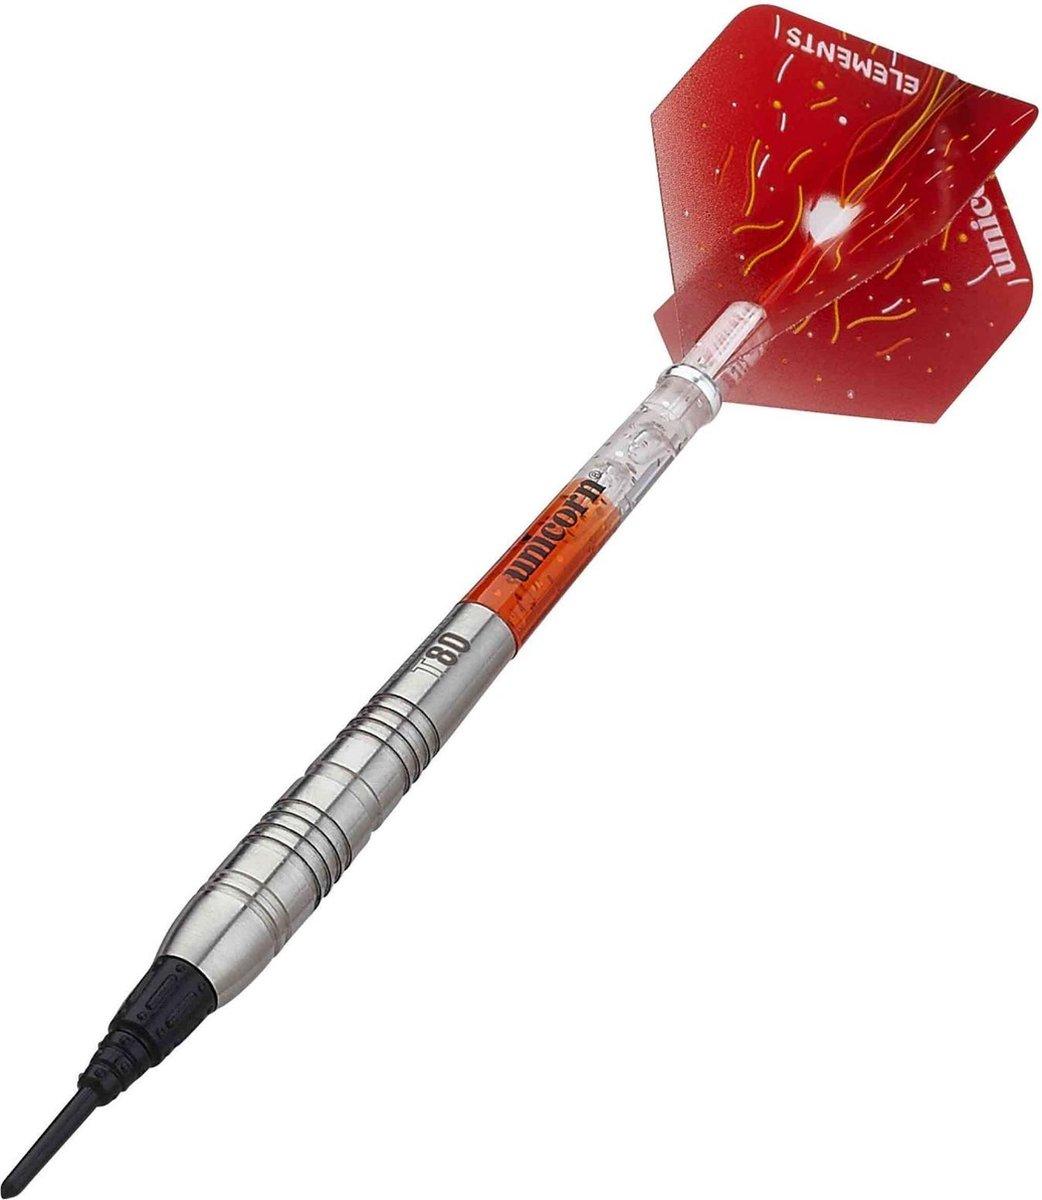 Unicorn Dartpijlen Core Xl Striker Softtip 22g Tungsten Zilver